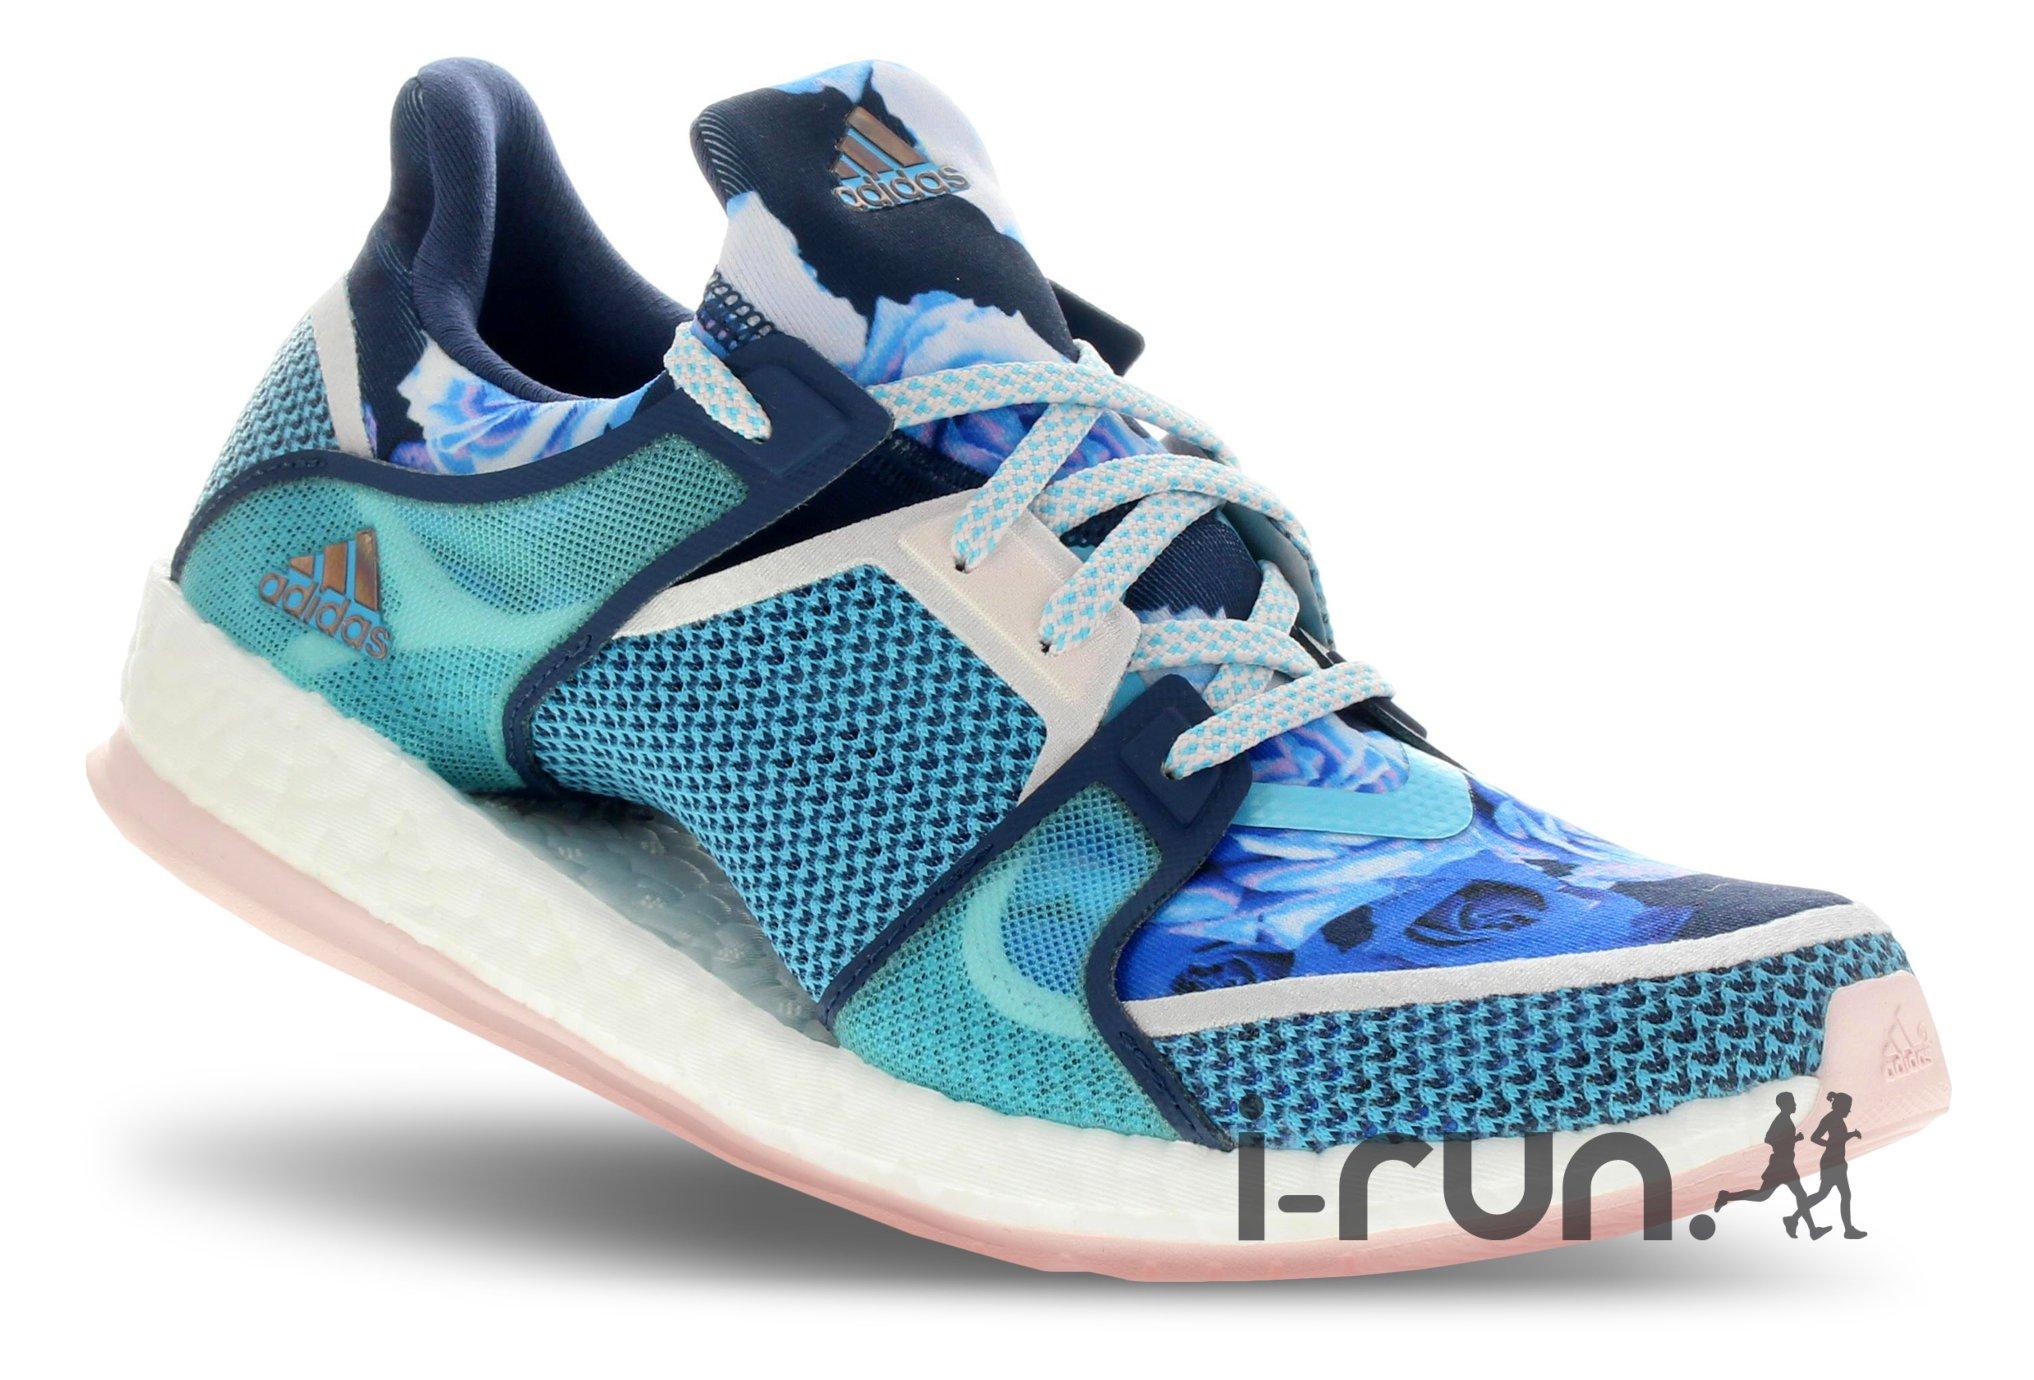 Adidas Pure boost x training w diététique chaussures femme